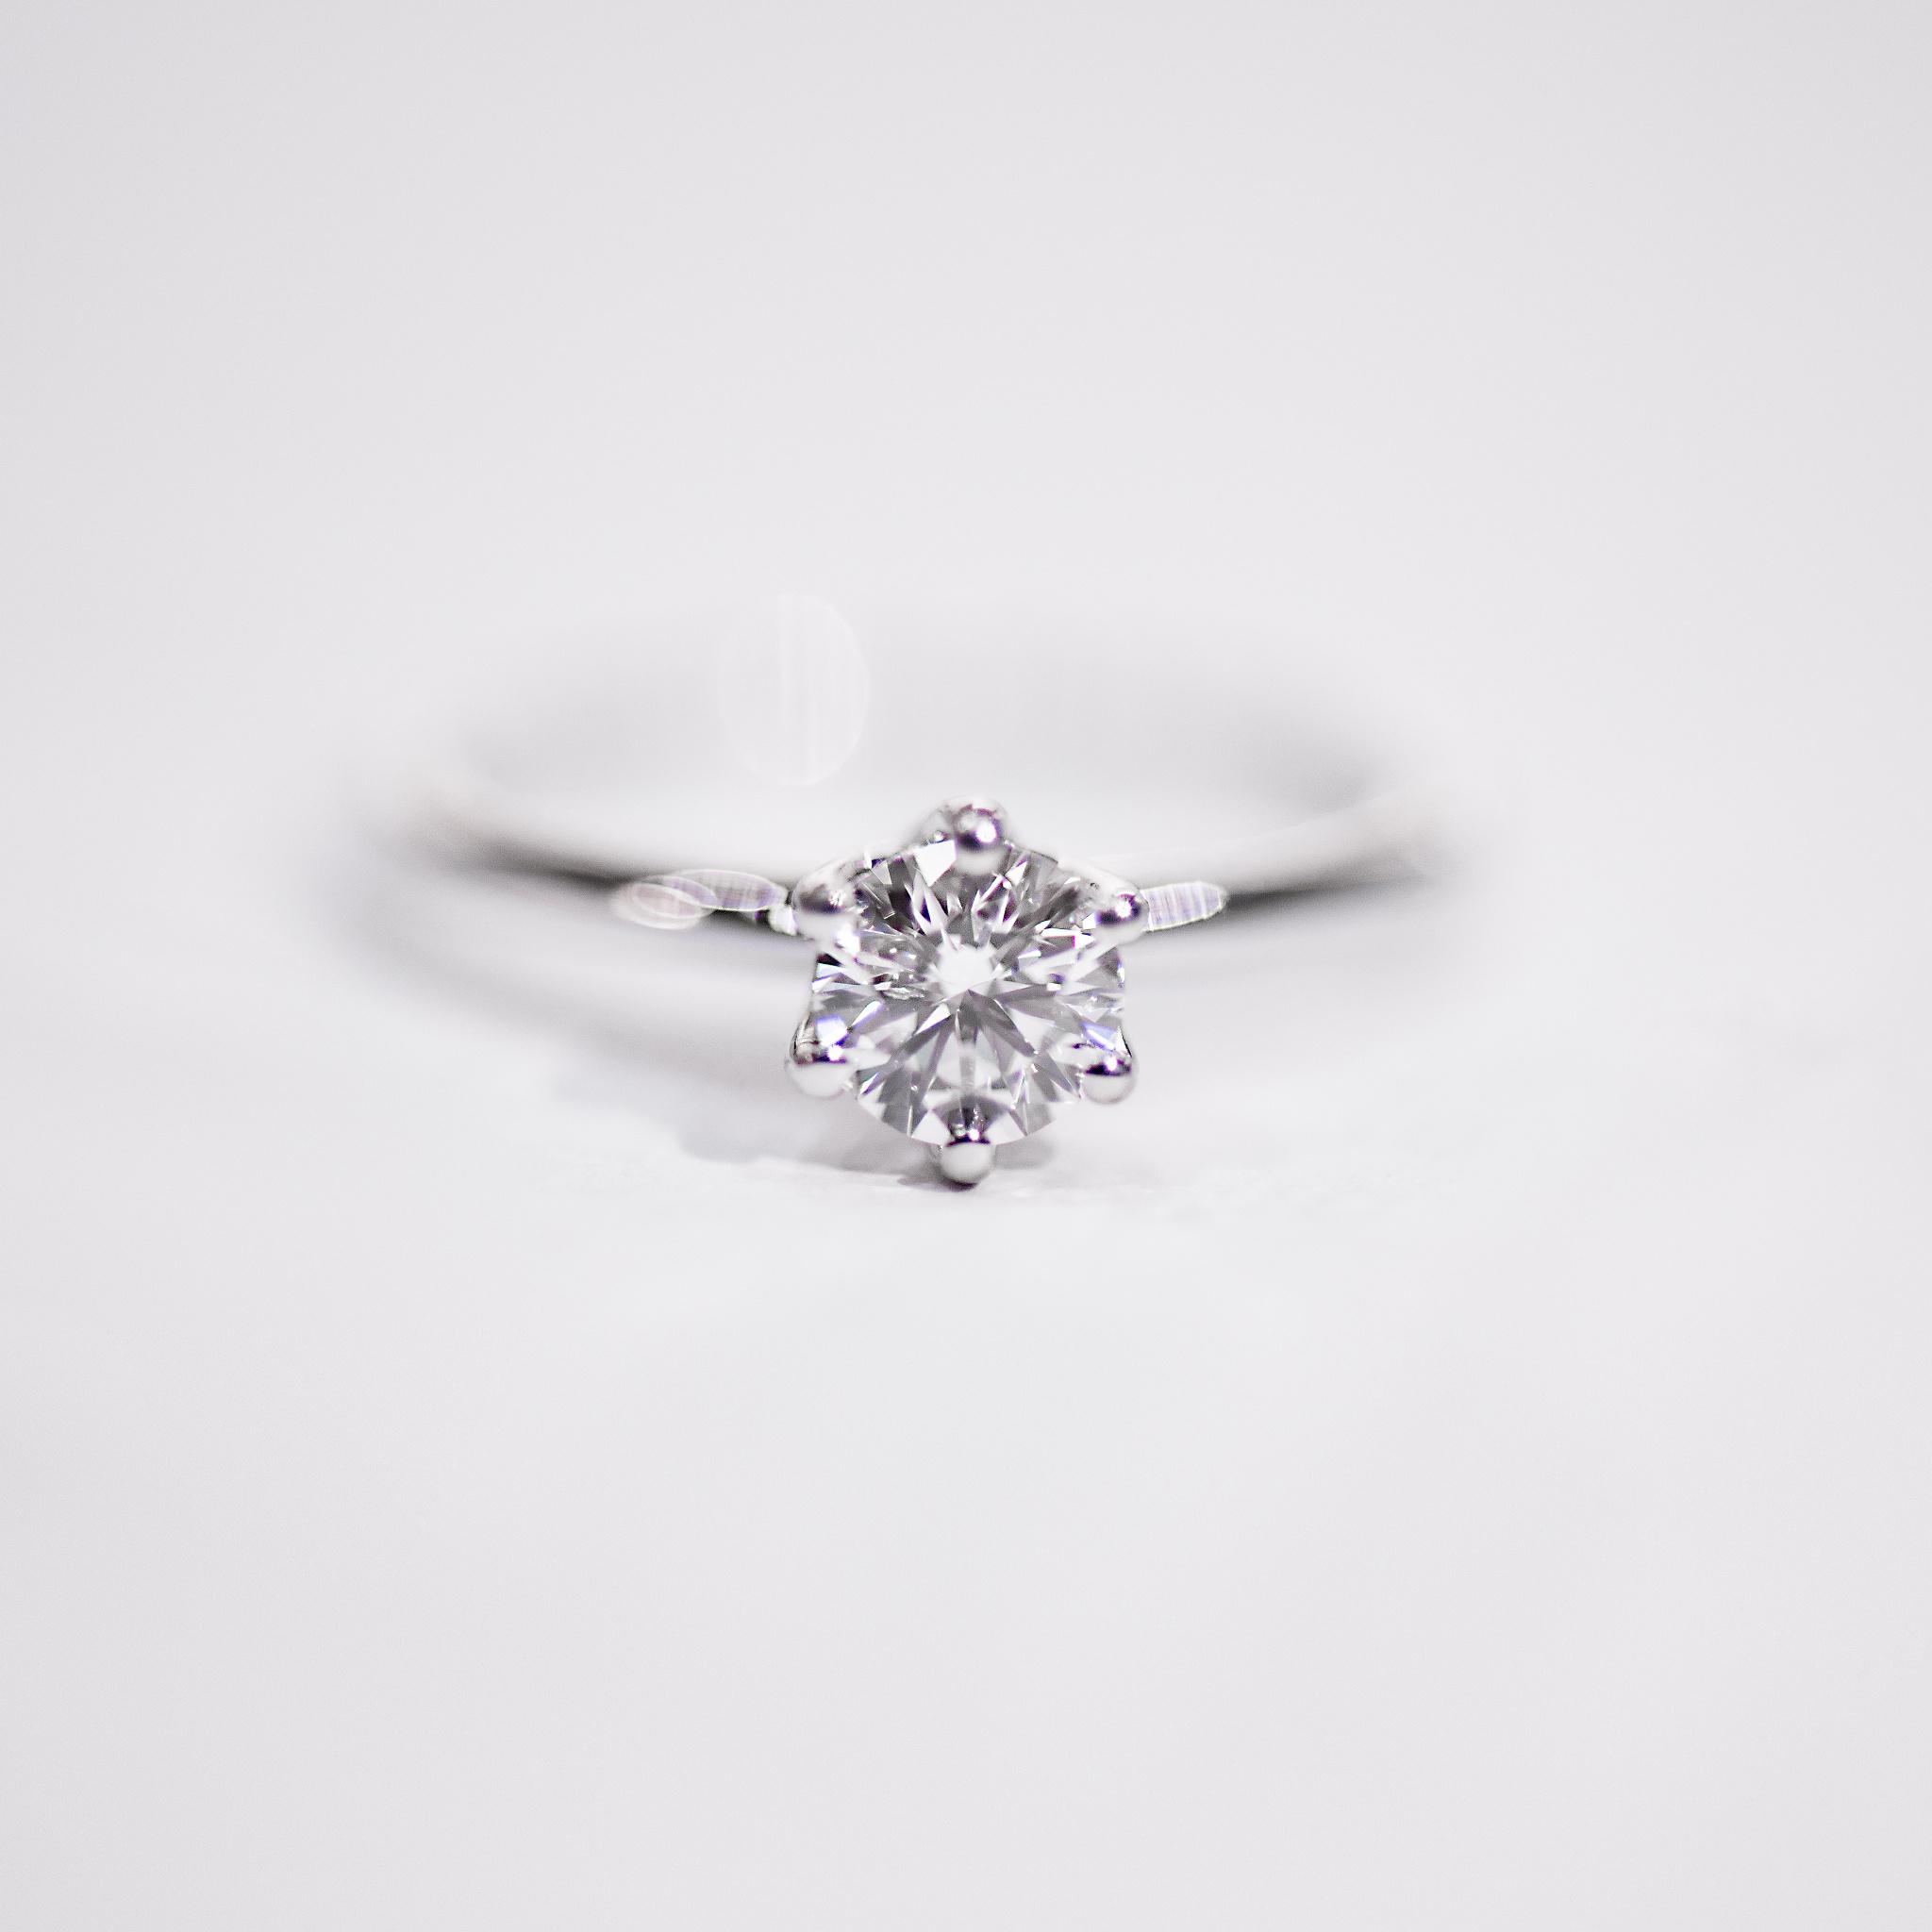 小钻石如何华丽变身鸽子蛋?